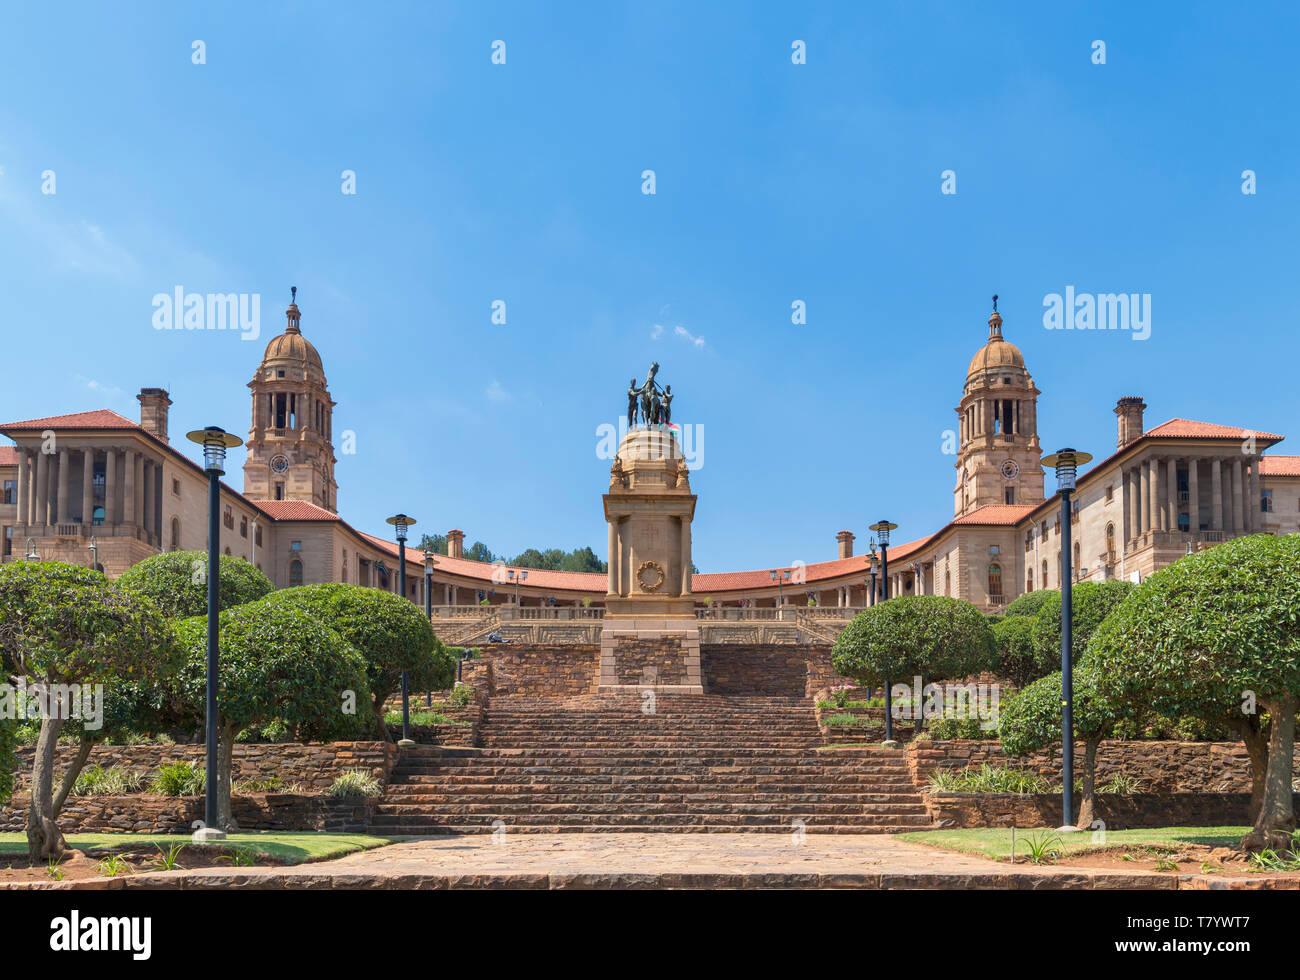 Unione di edifici, di alloggiamento del presidential gli uffici amministrativi e la sede del governo di Pretoria, Gauteng, Sud Africa Immagini Stock